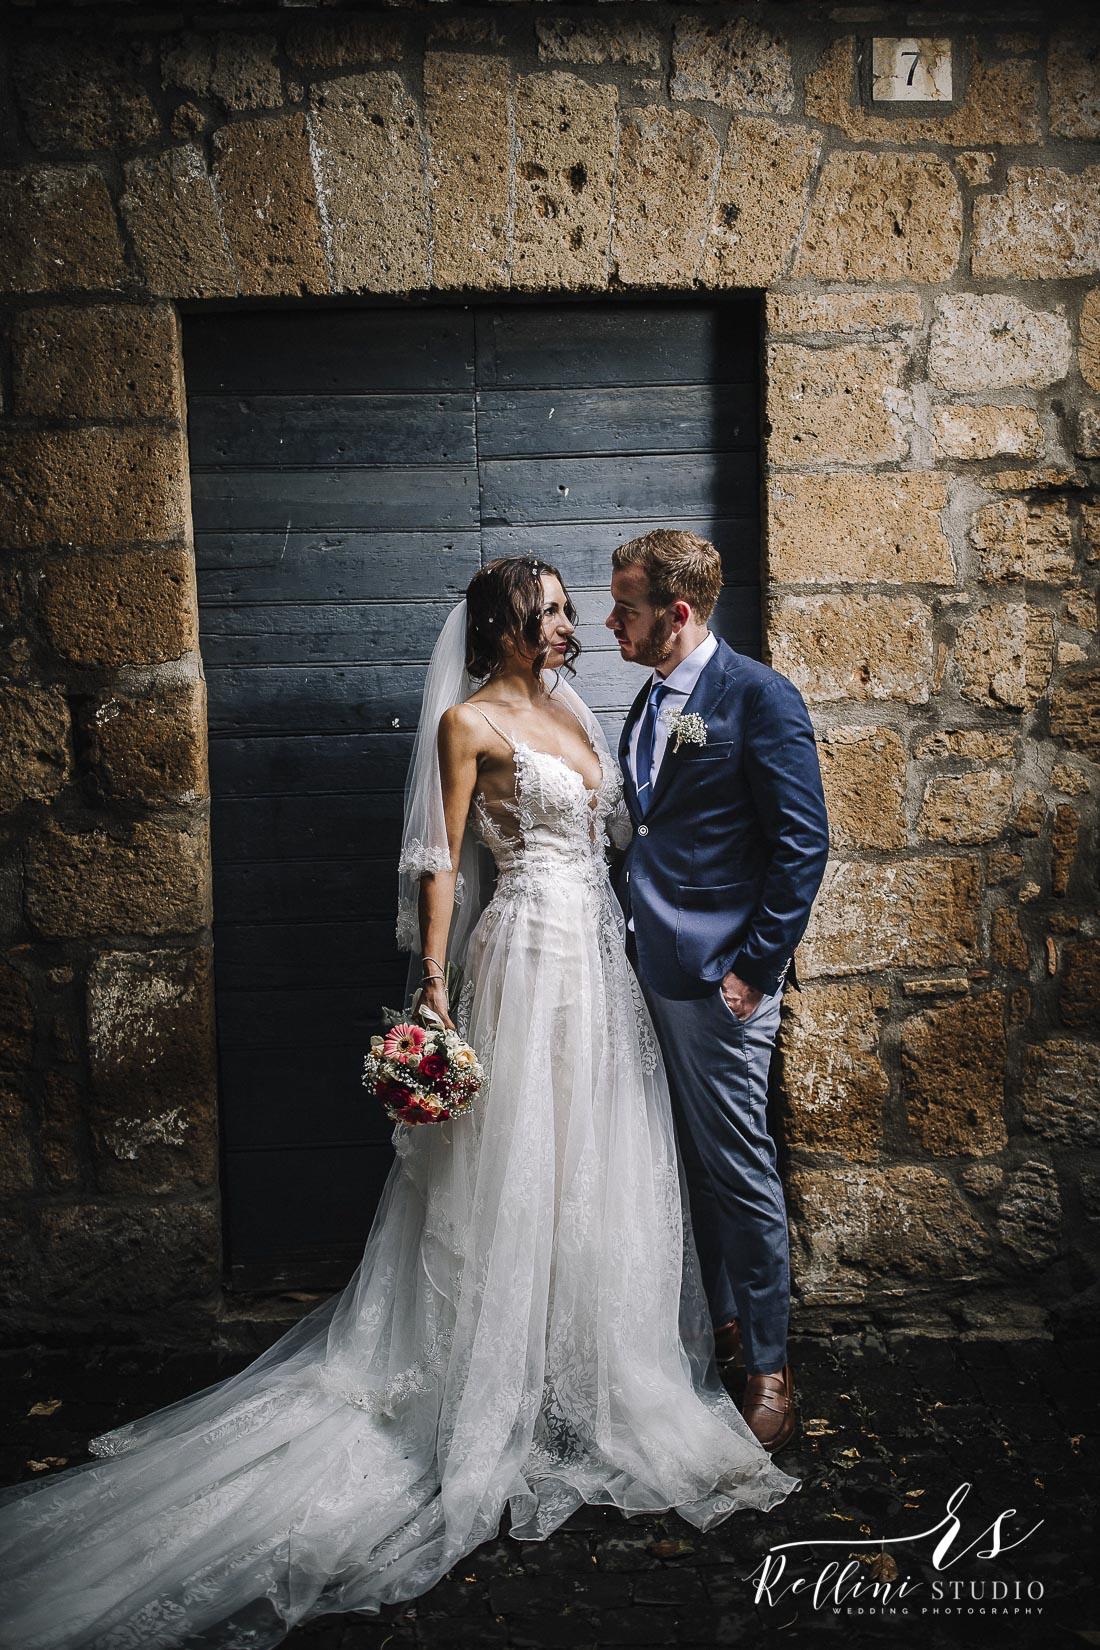 wedding at Palazzone in Orvieto 088.jpg